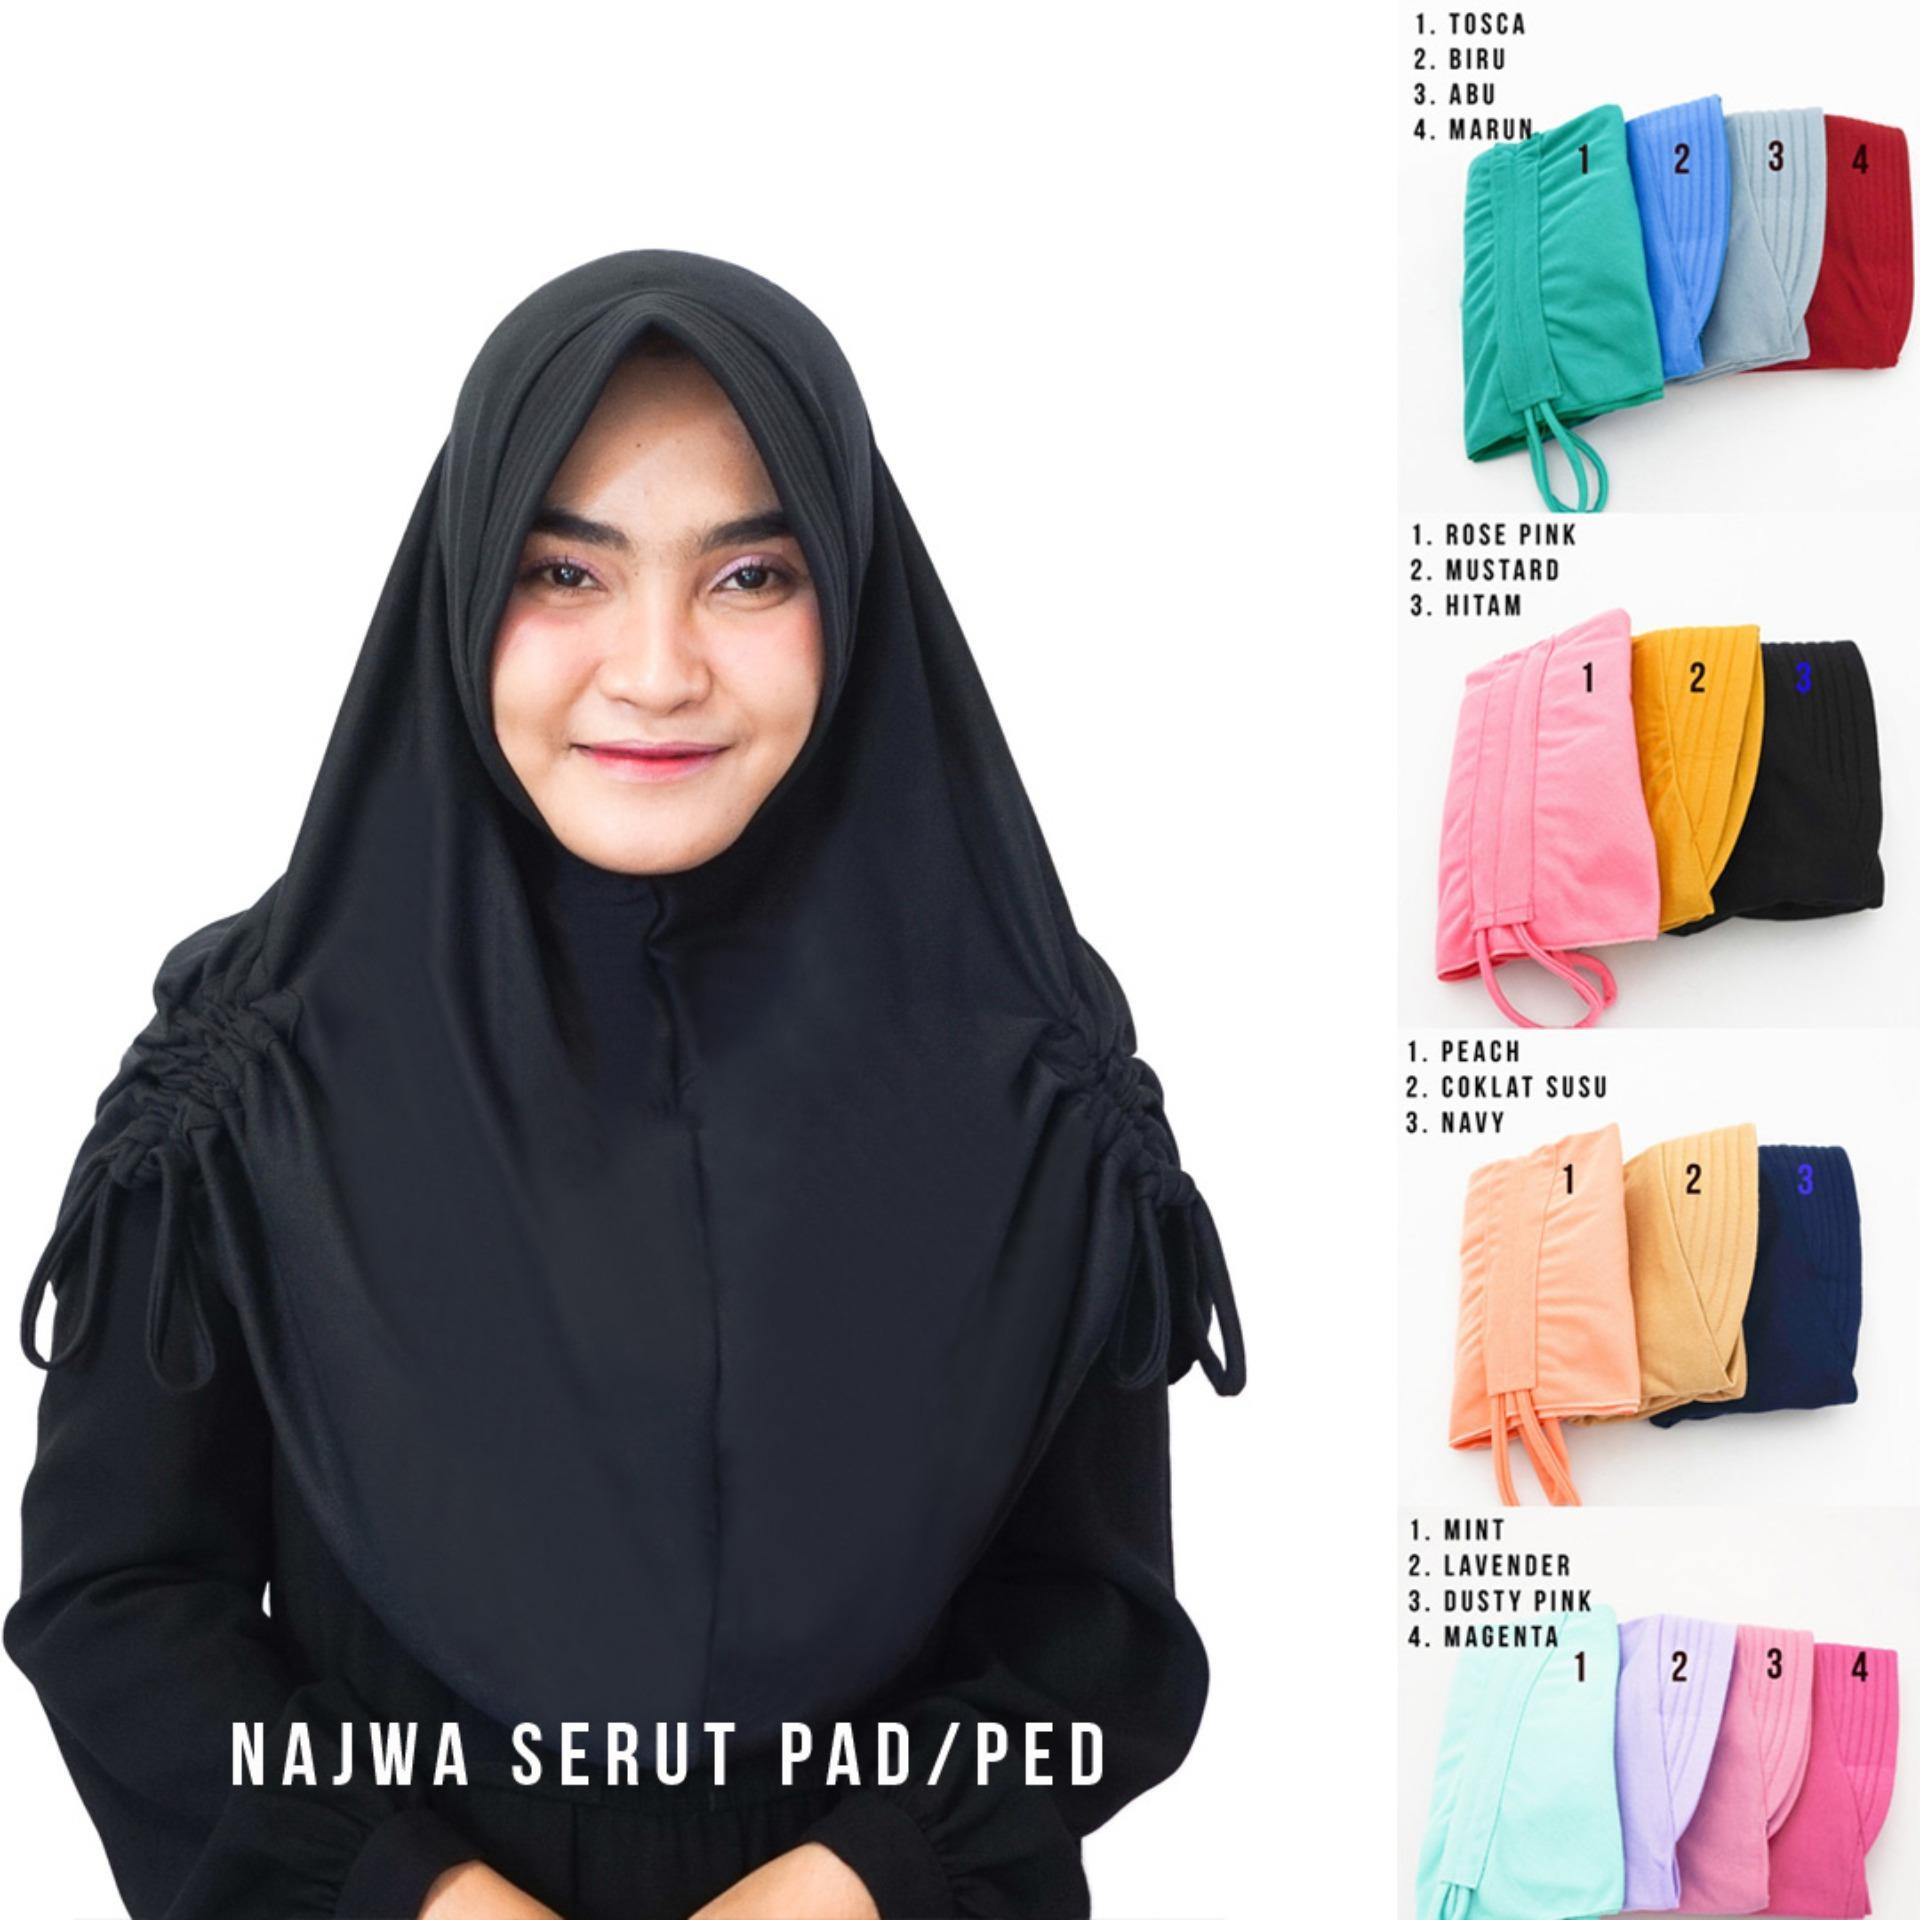 Hijab Najwa PAD PED Serut Jilbab Instan Kerudung Khimar Instan